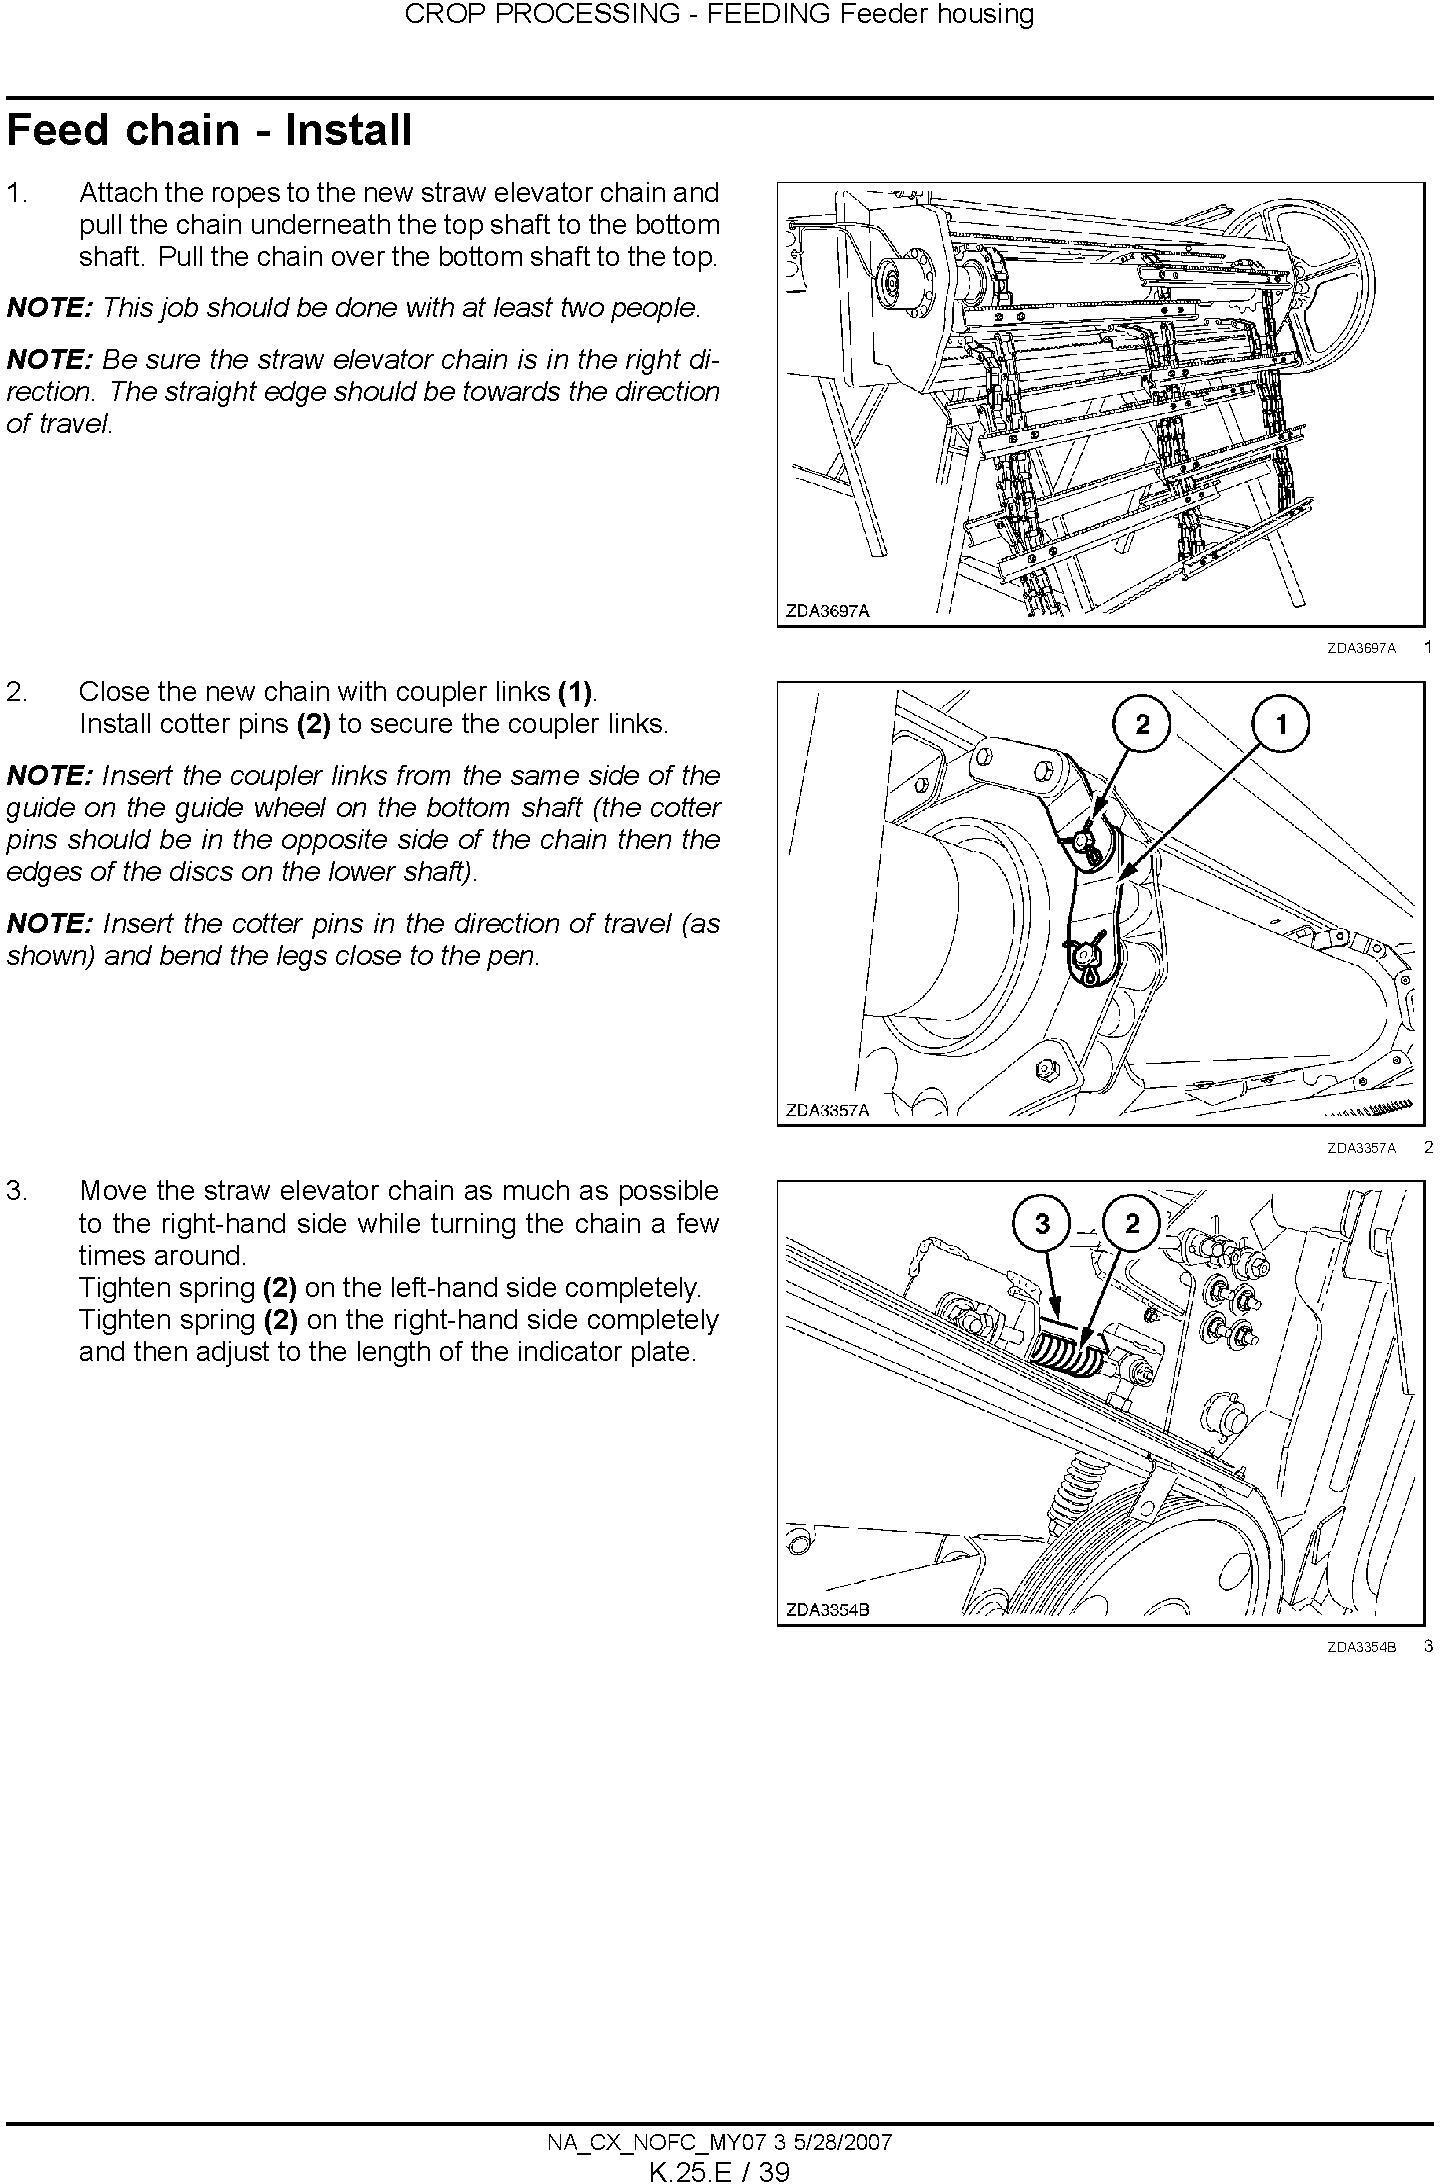 New Holland CX8070, CX8080, CX8090 Combine Service Manual - 3